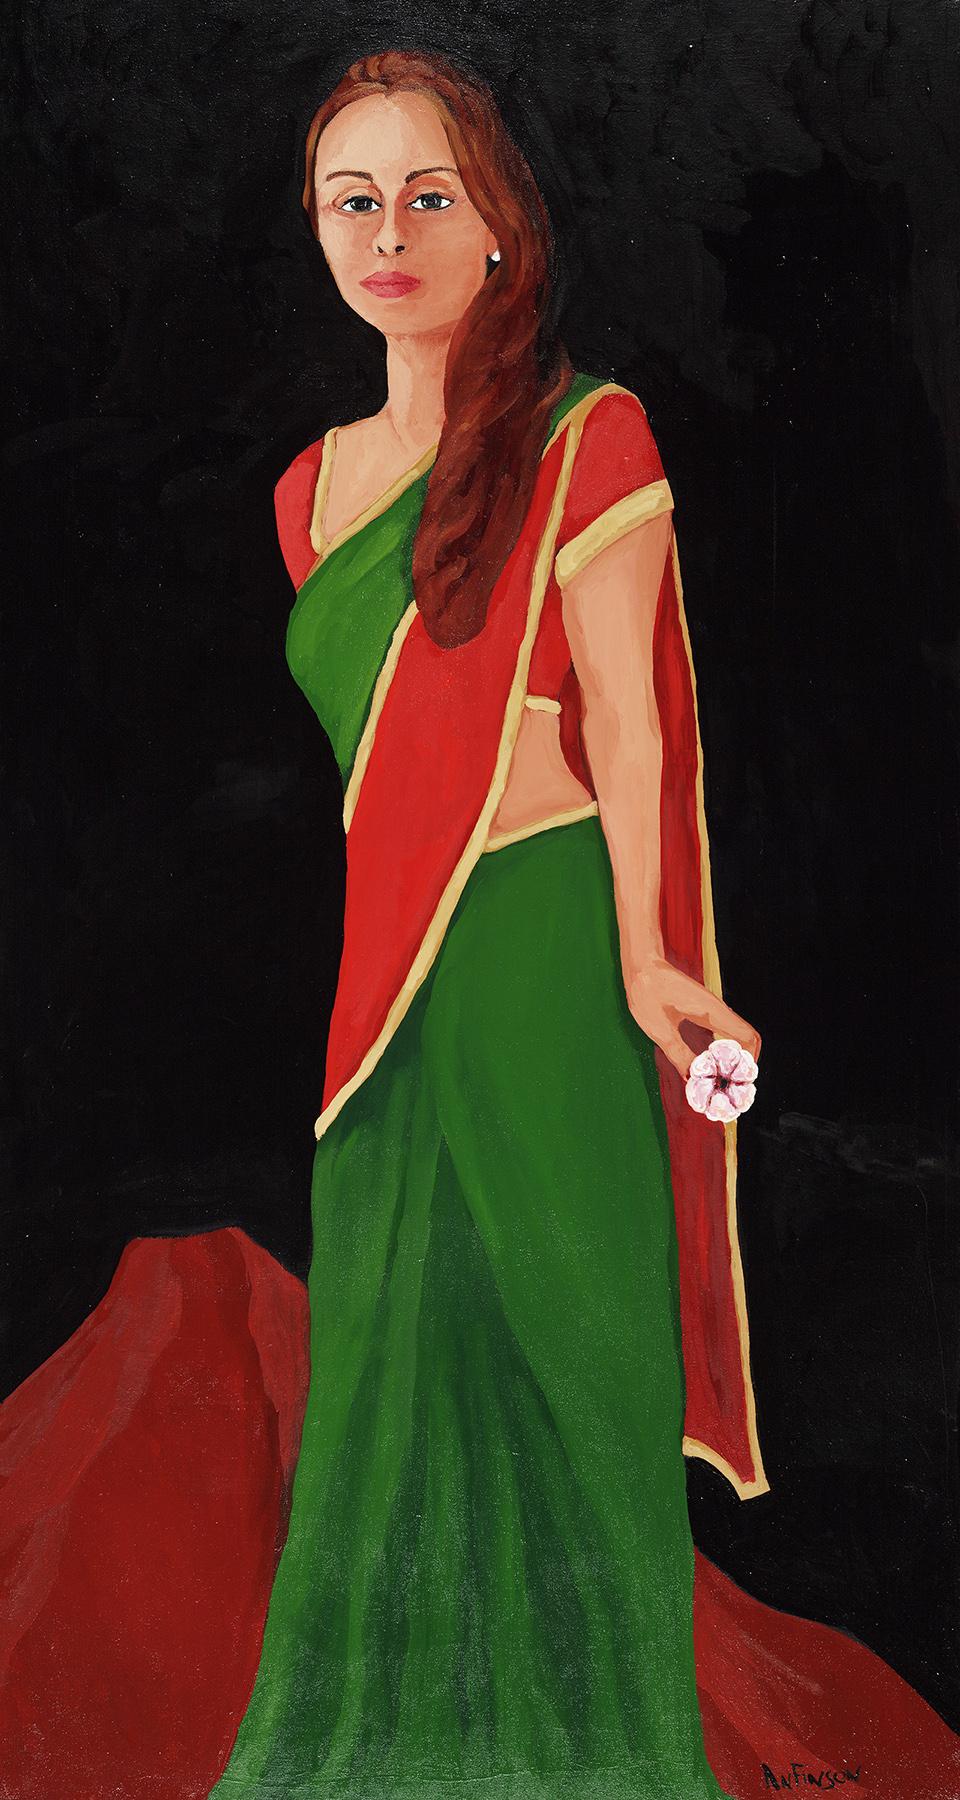 sari woman  sold 60 x 36 2010